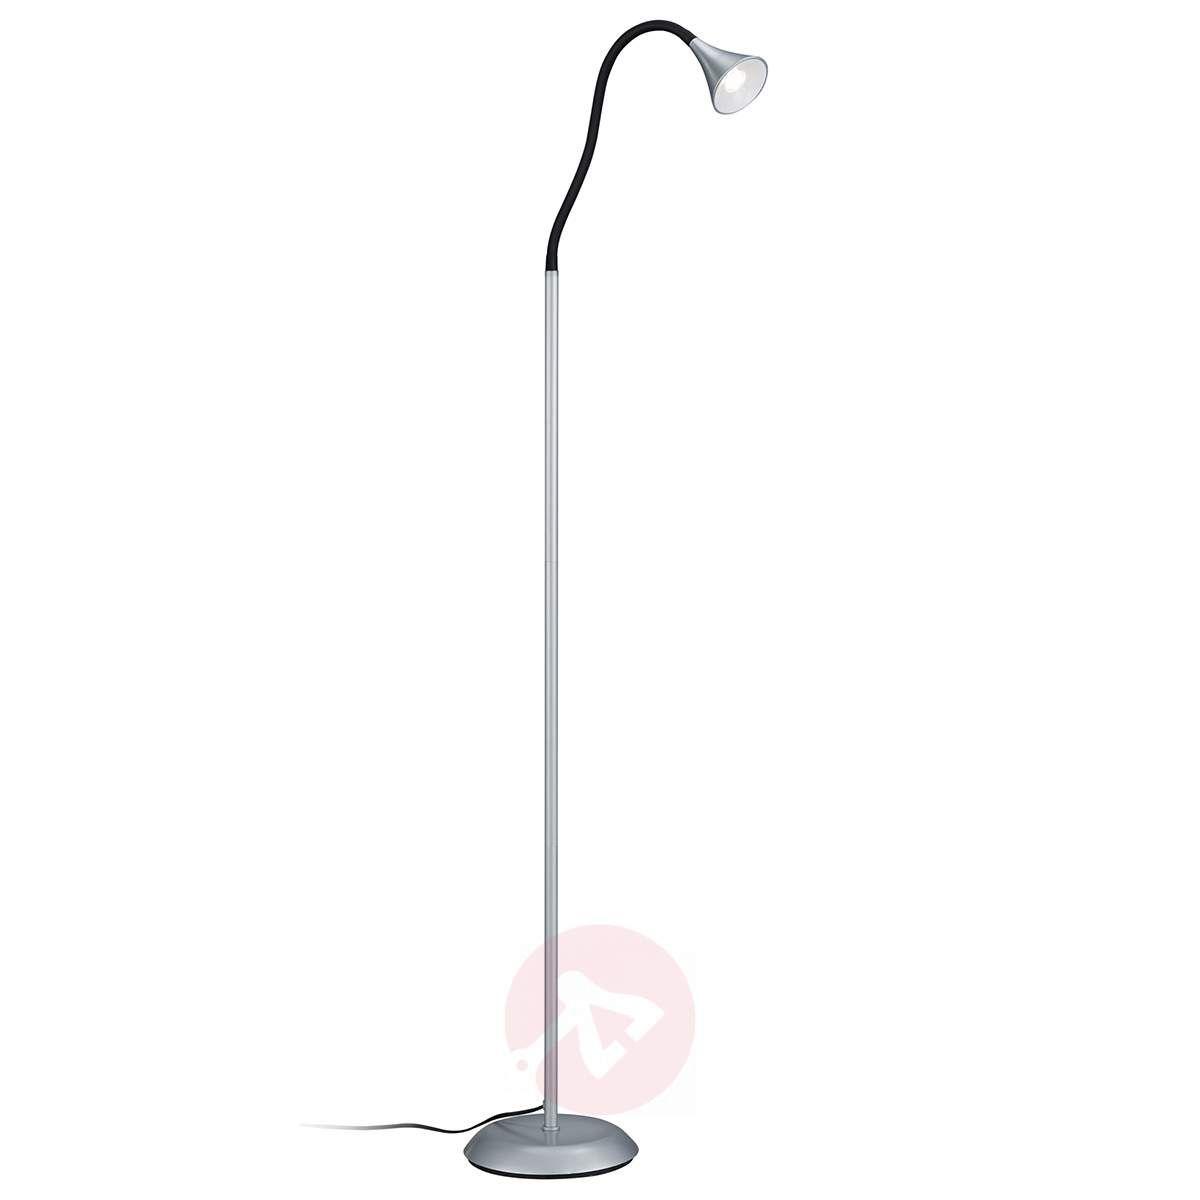 Wykonana Z Metalu Srebrna Lampa Stojąca Led Viper In 2019